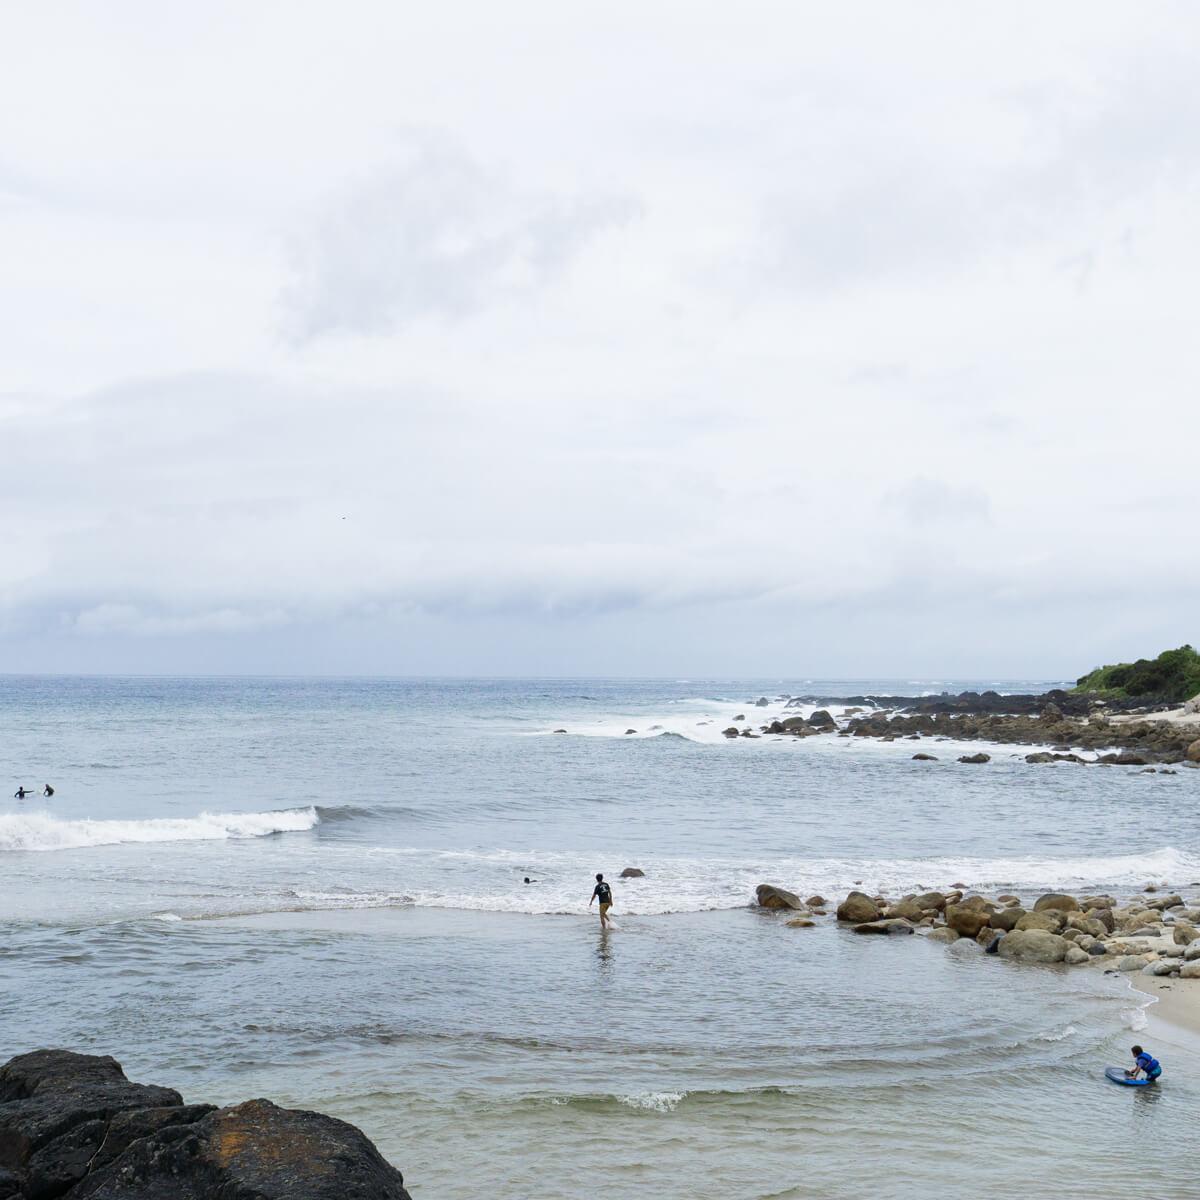 屋久島の海 屋久島海とジュエリーと オーダーメイドマリッジリングのモチーフ